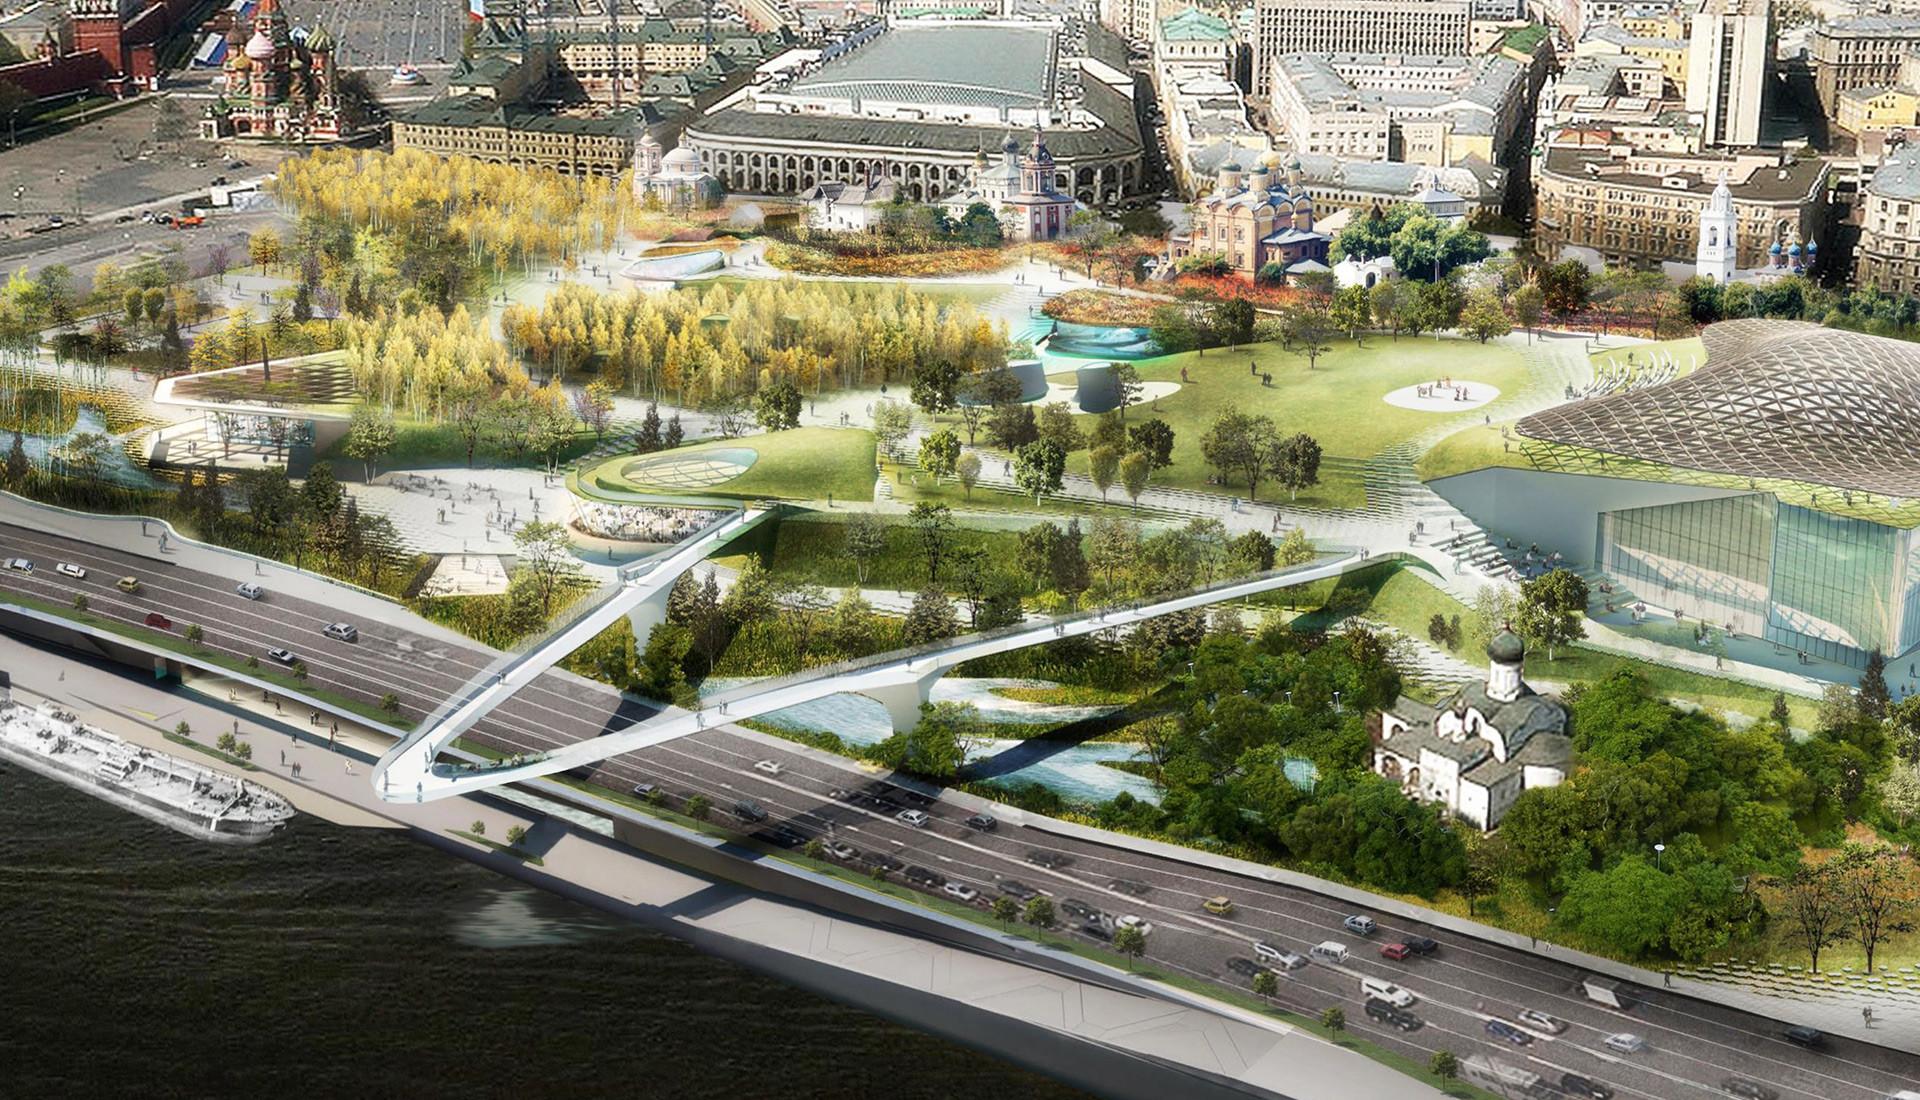 FOTOS: El impresionante nuevo parque se abre en el corazón mismo de Moscú